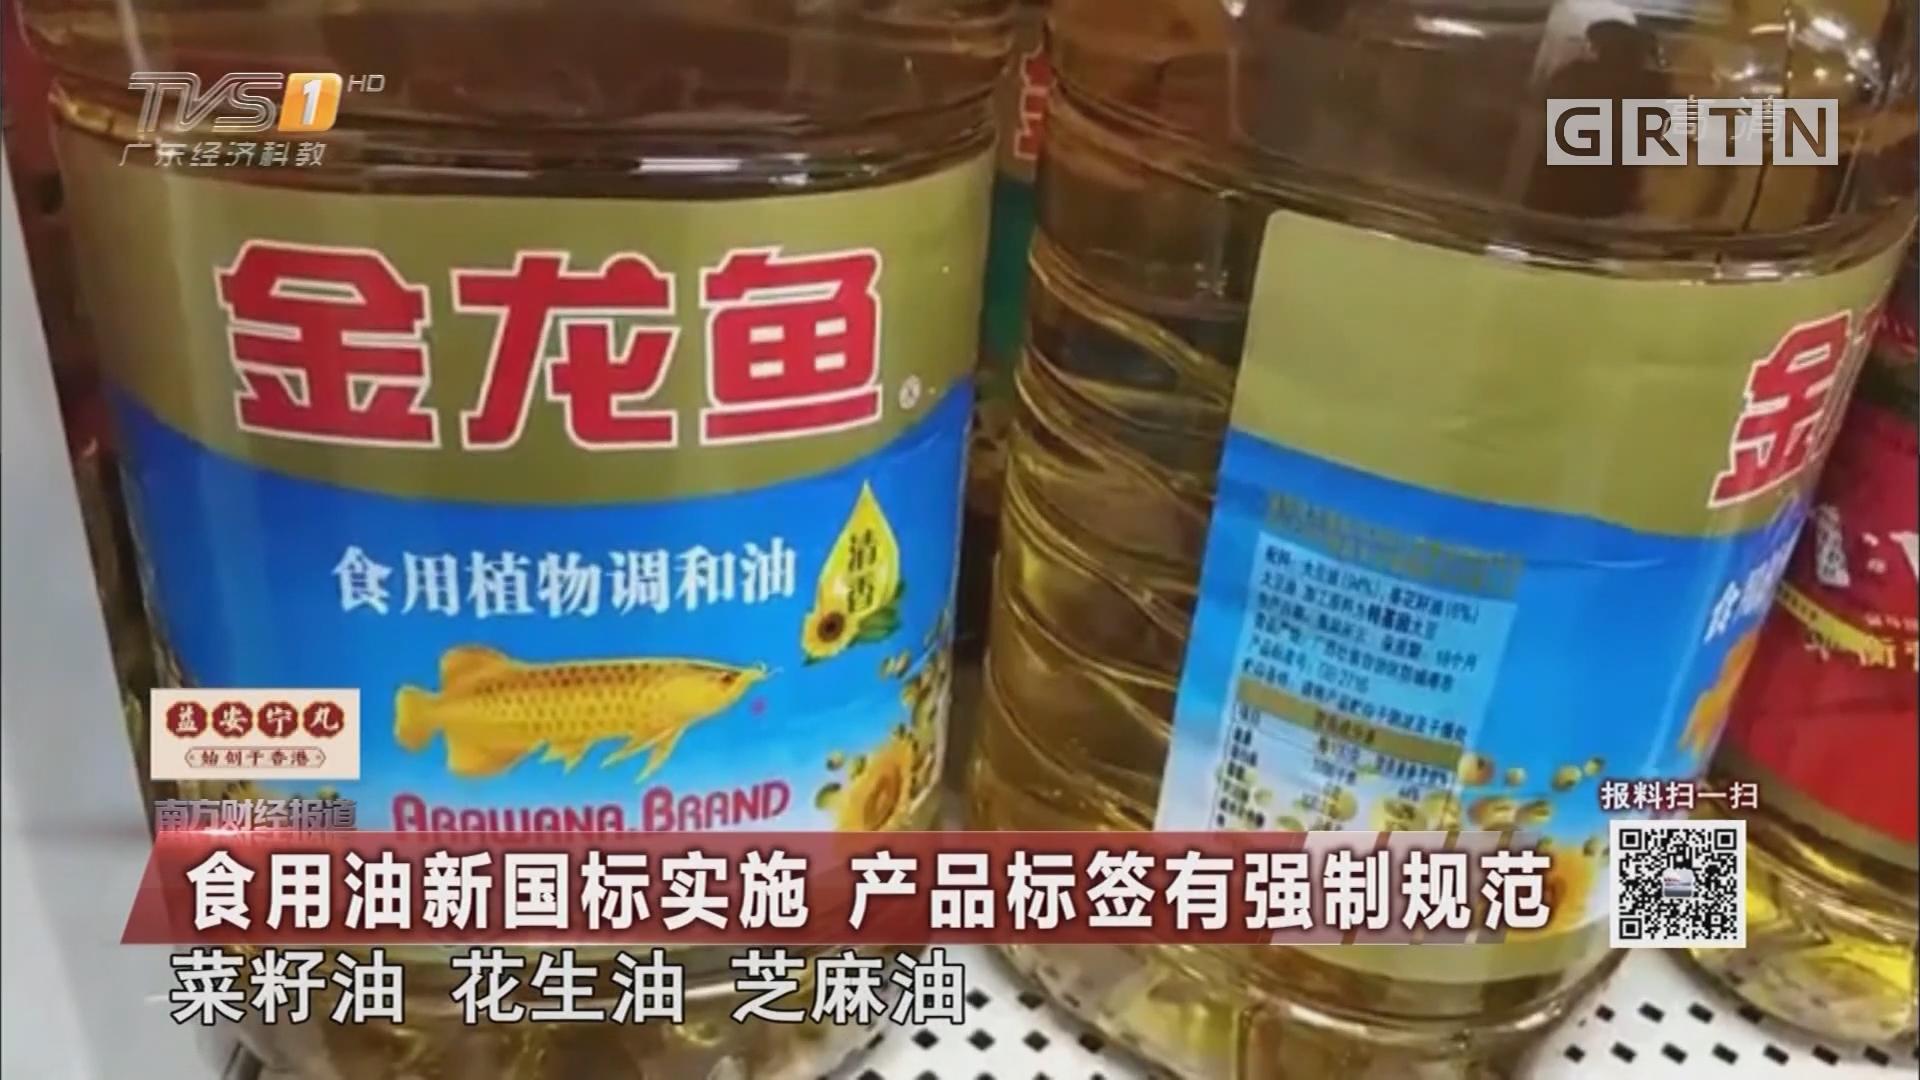 食用油新国标实施 产品标签有强制规范